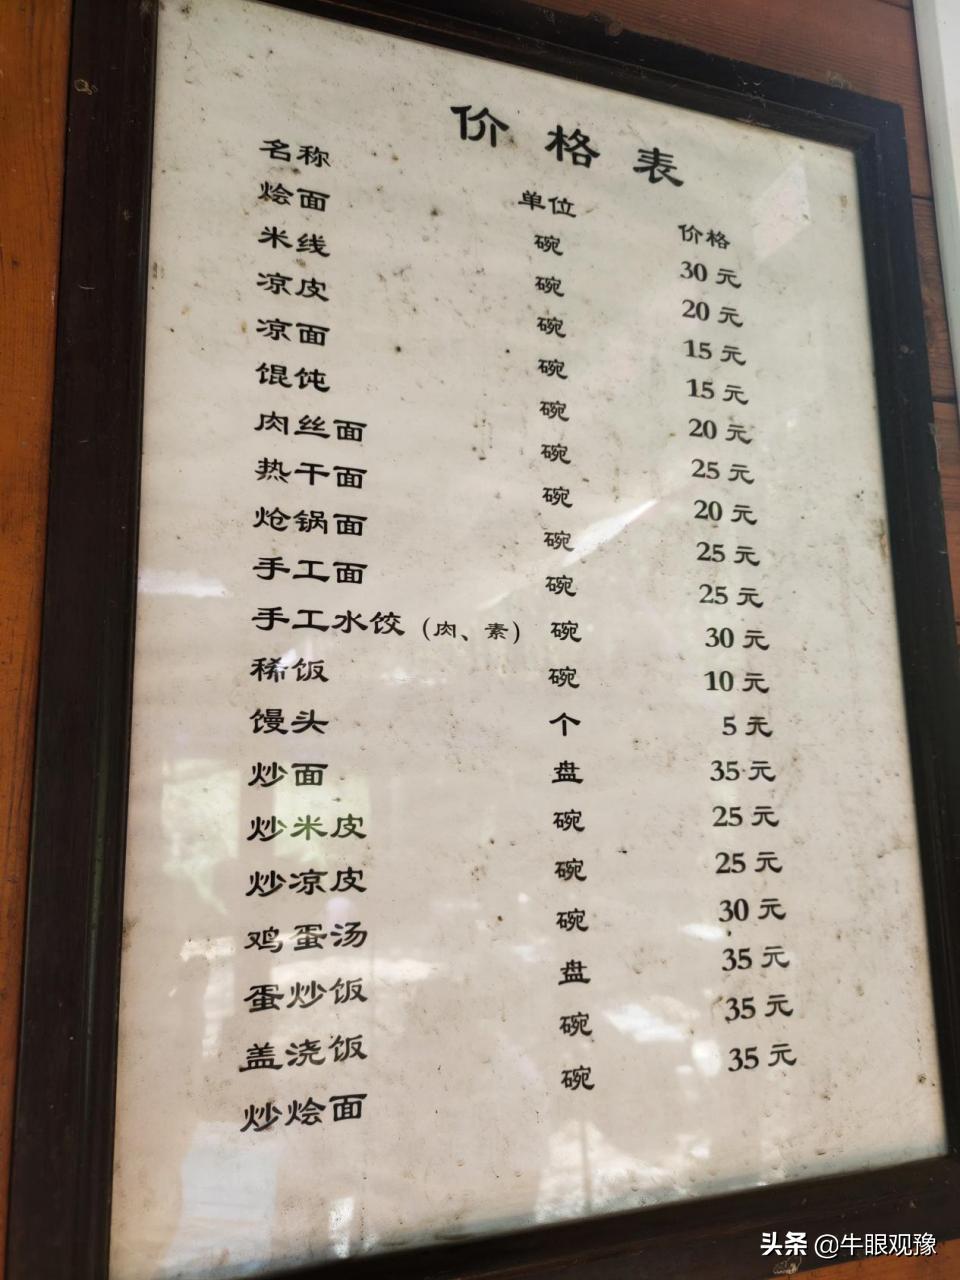 登封少林景区摊位商品价格奇高 摊位成为唐僧肉